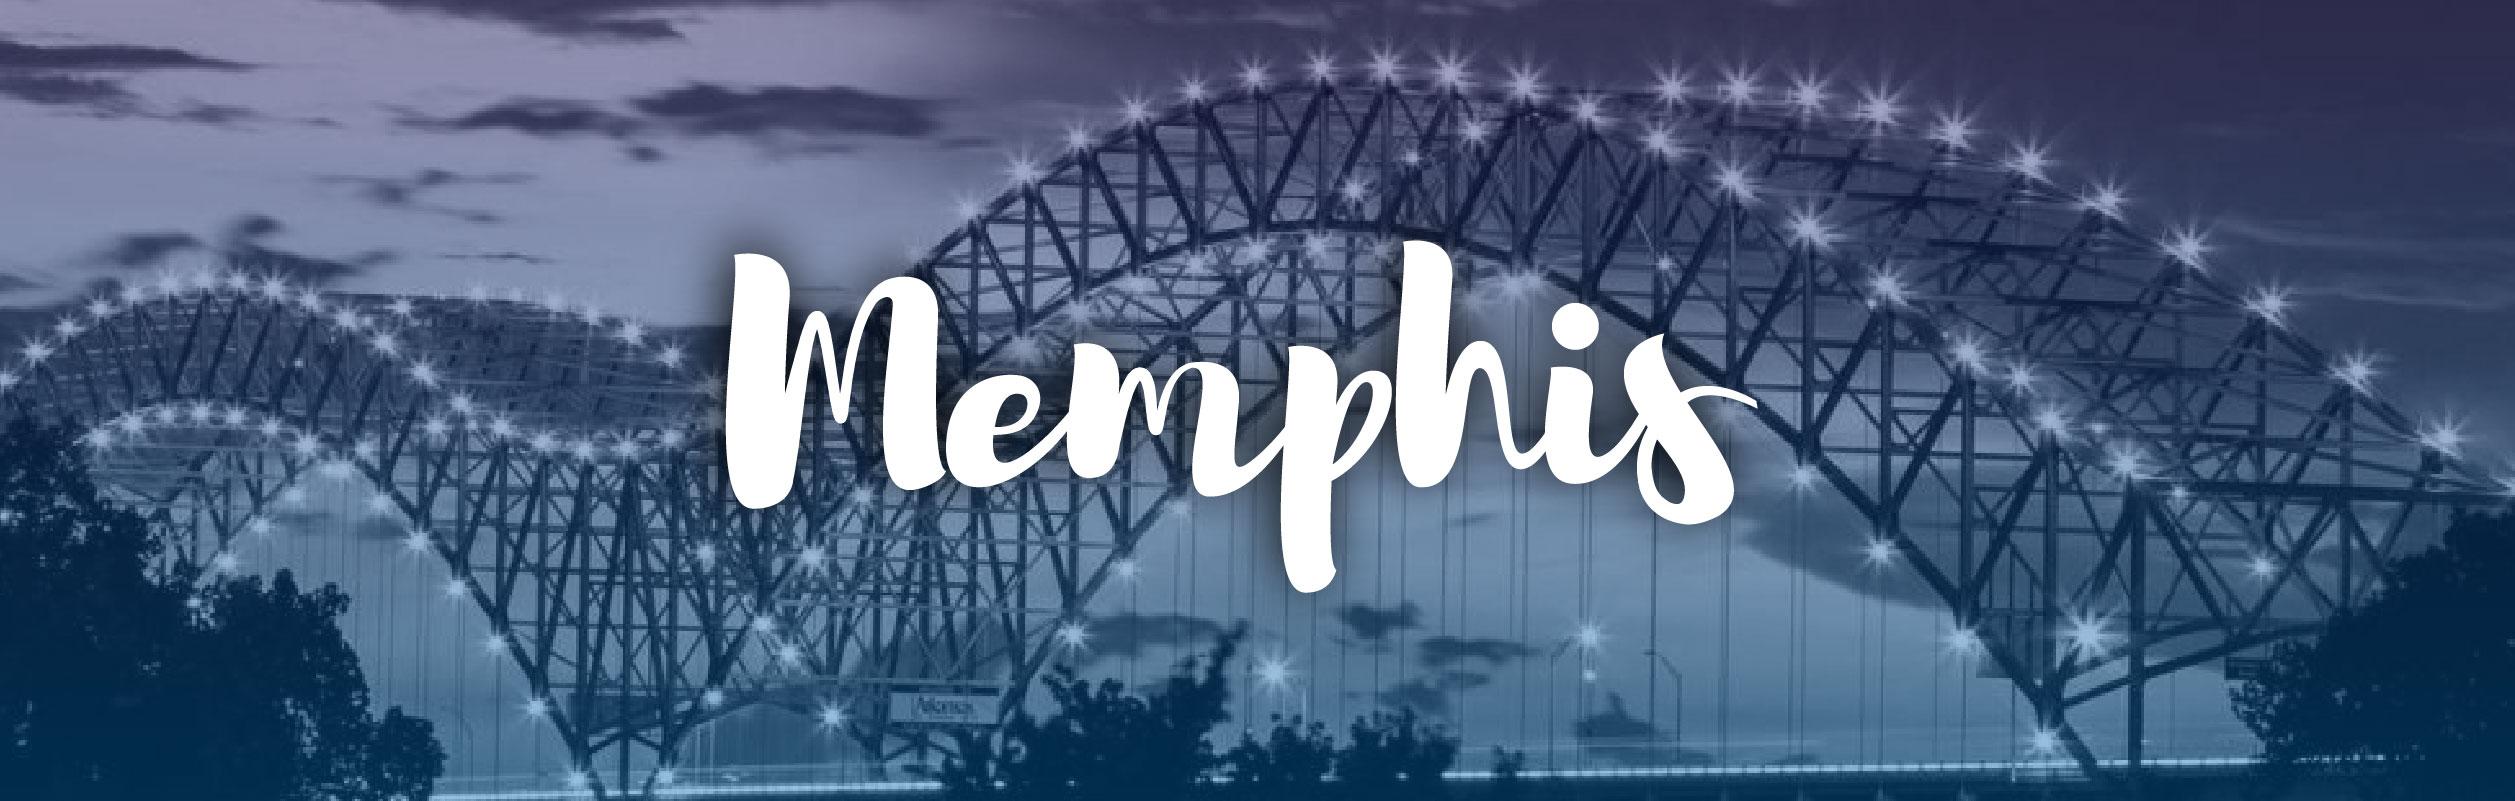 Memphis Header-01